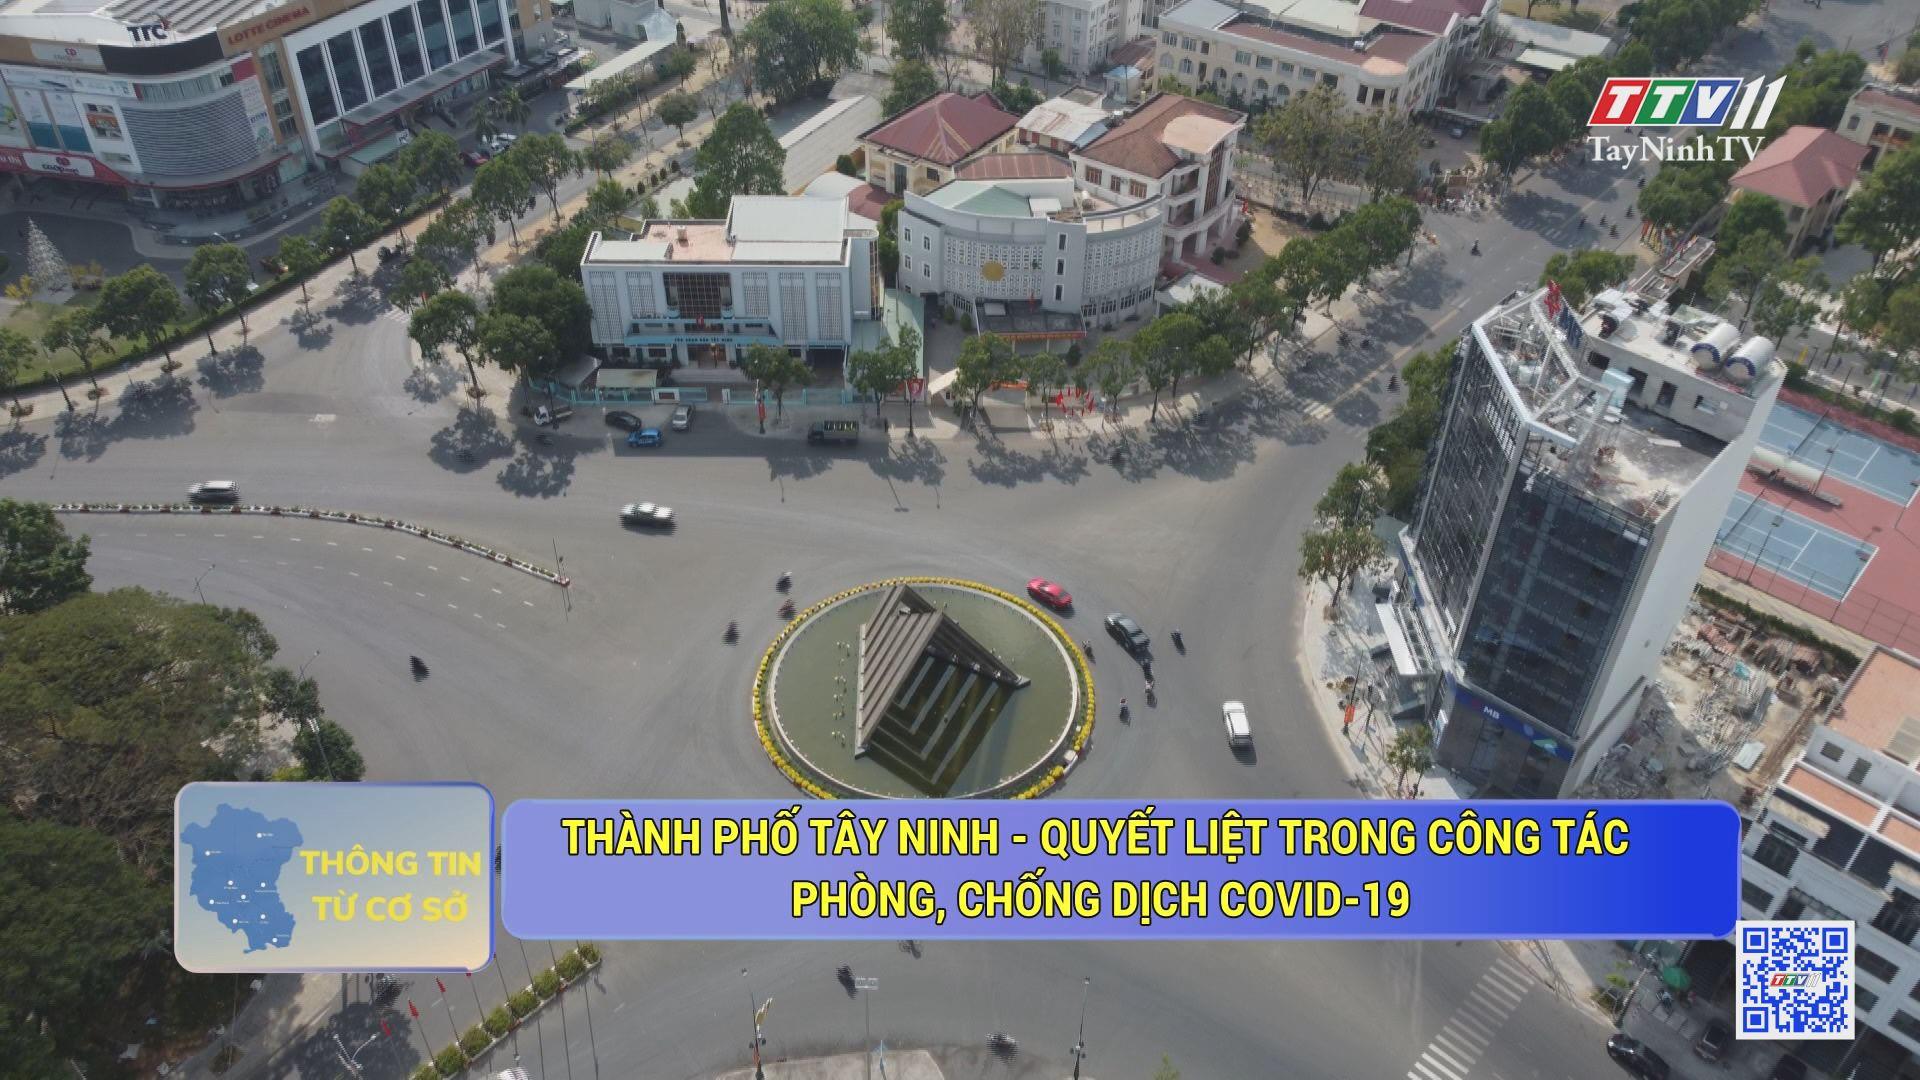 Thành phố Tây Ninh - Quyết liệt trong công tác phòng, chống dịch Covid-19 | THÔNG TIN TỪ CƠ SỞ | TayNinhTV